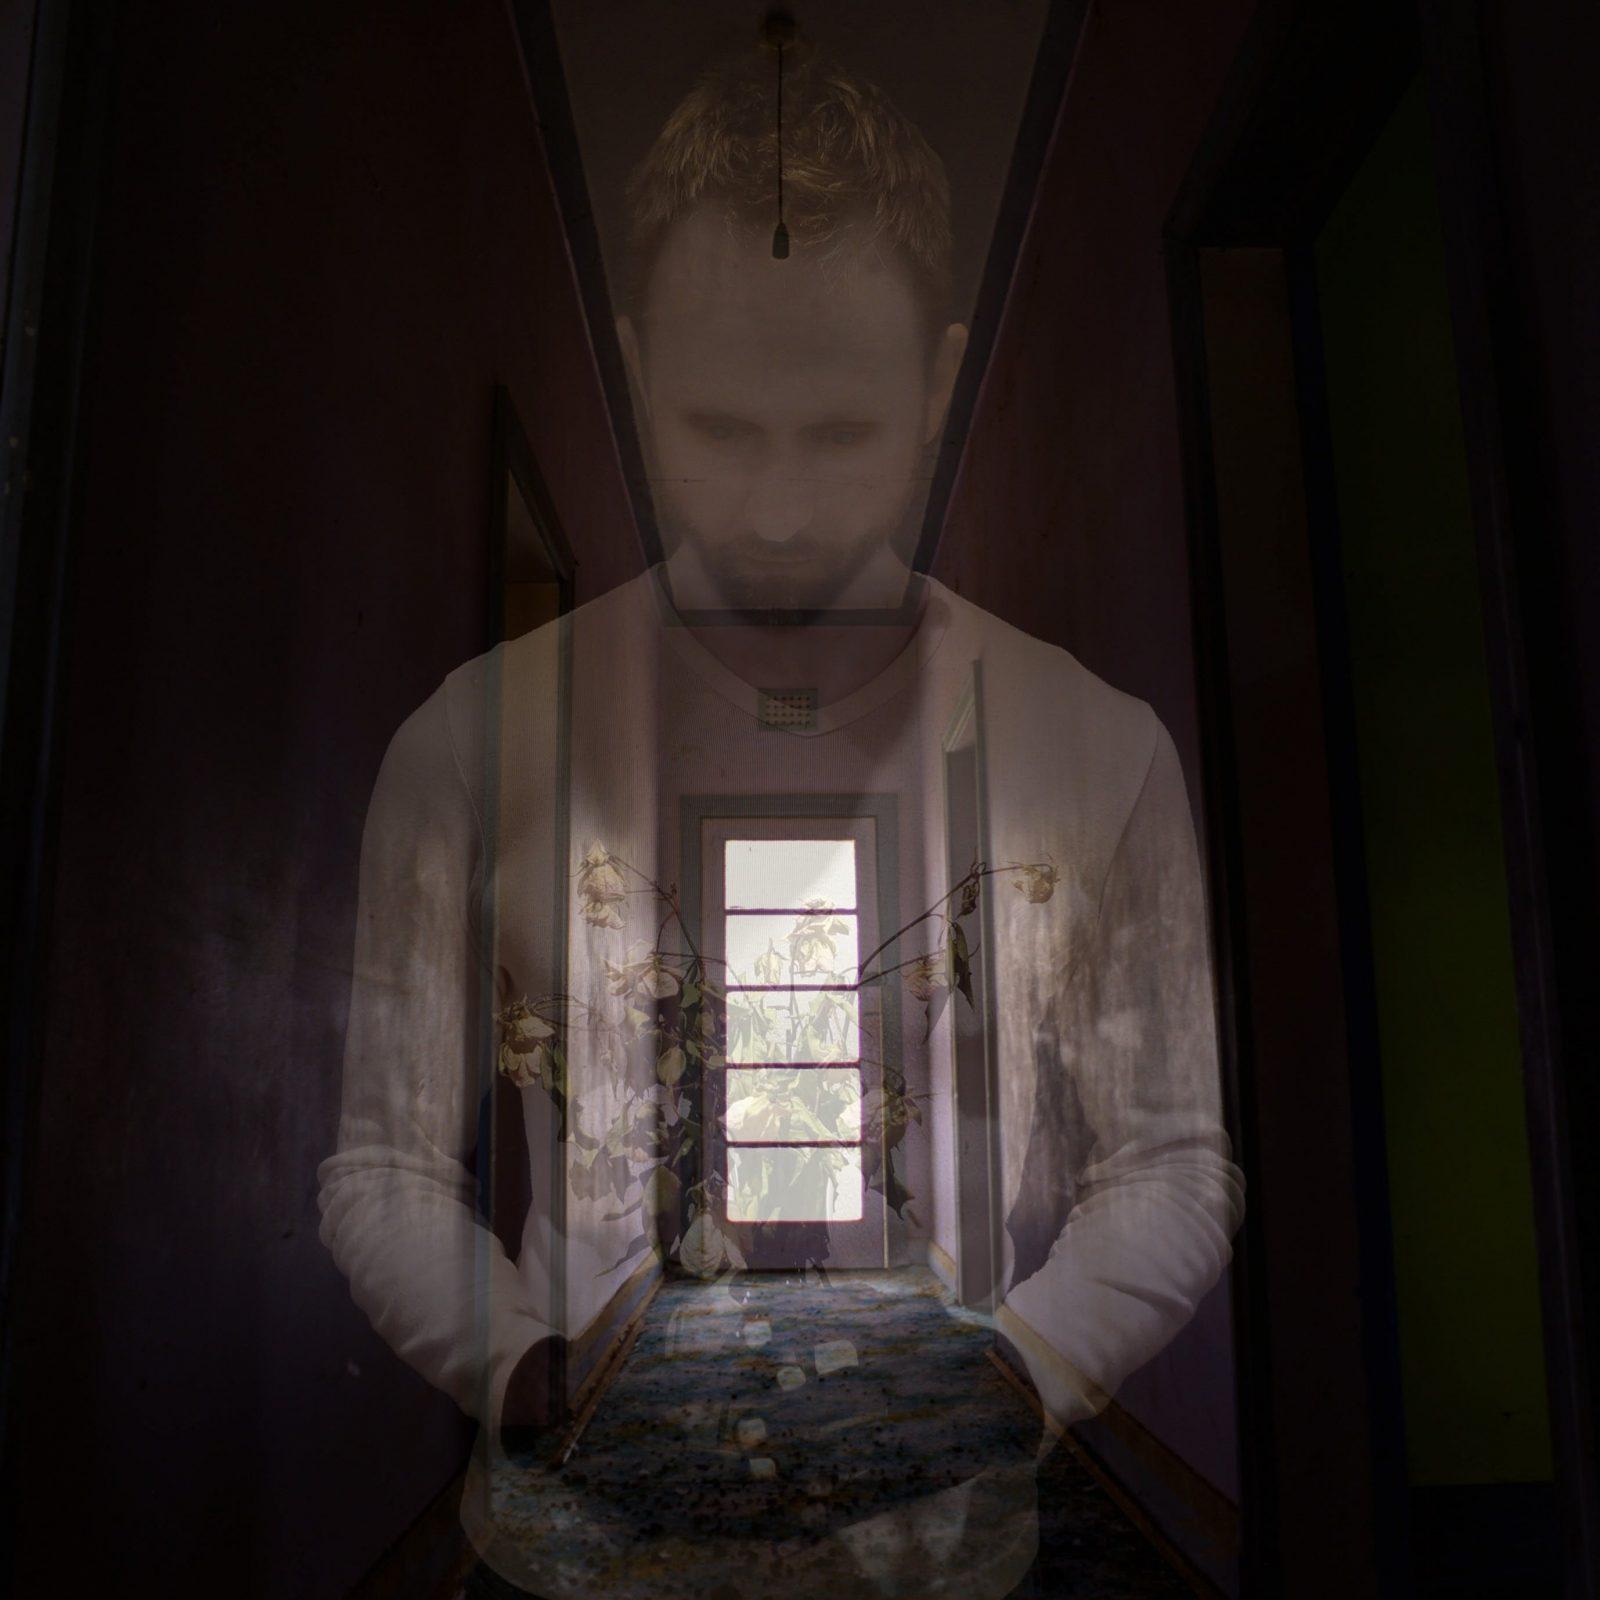 Ghost Investigation night - Forbidden Hallway